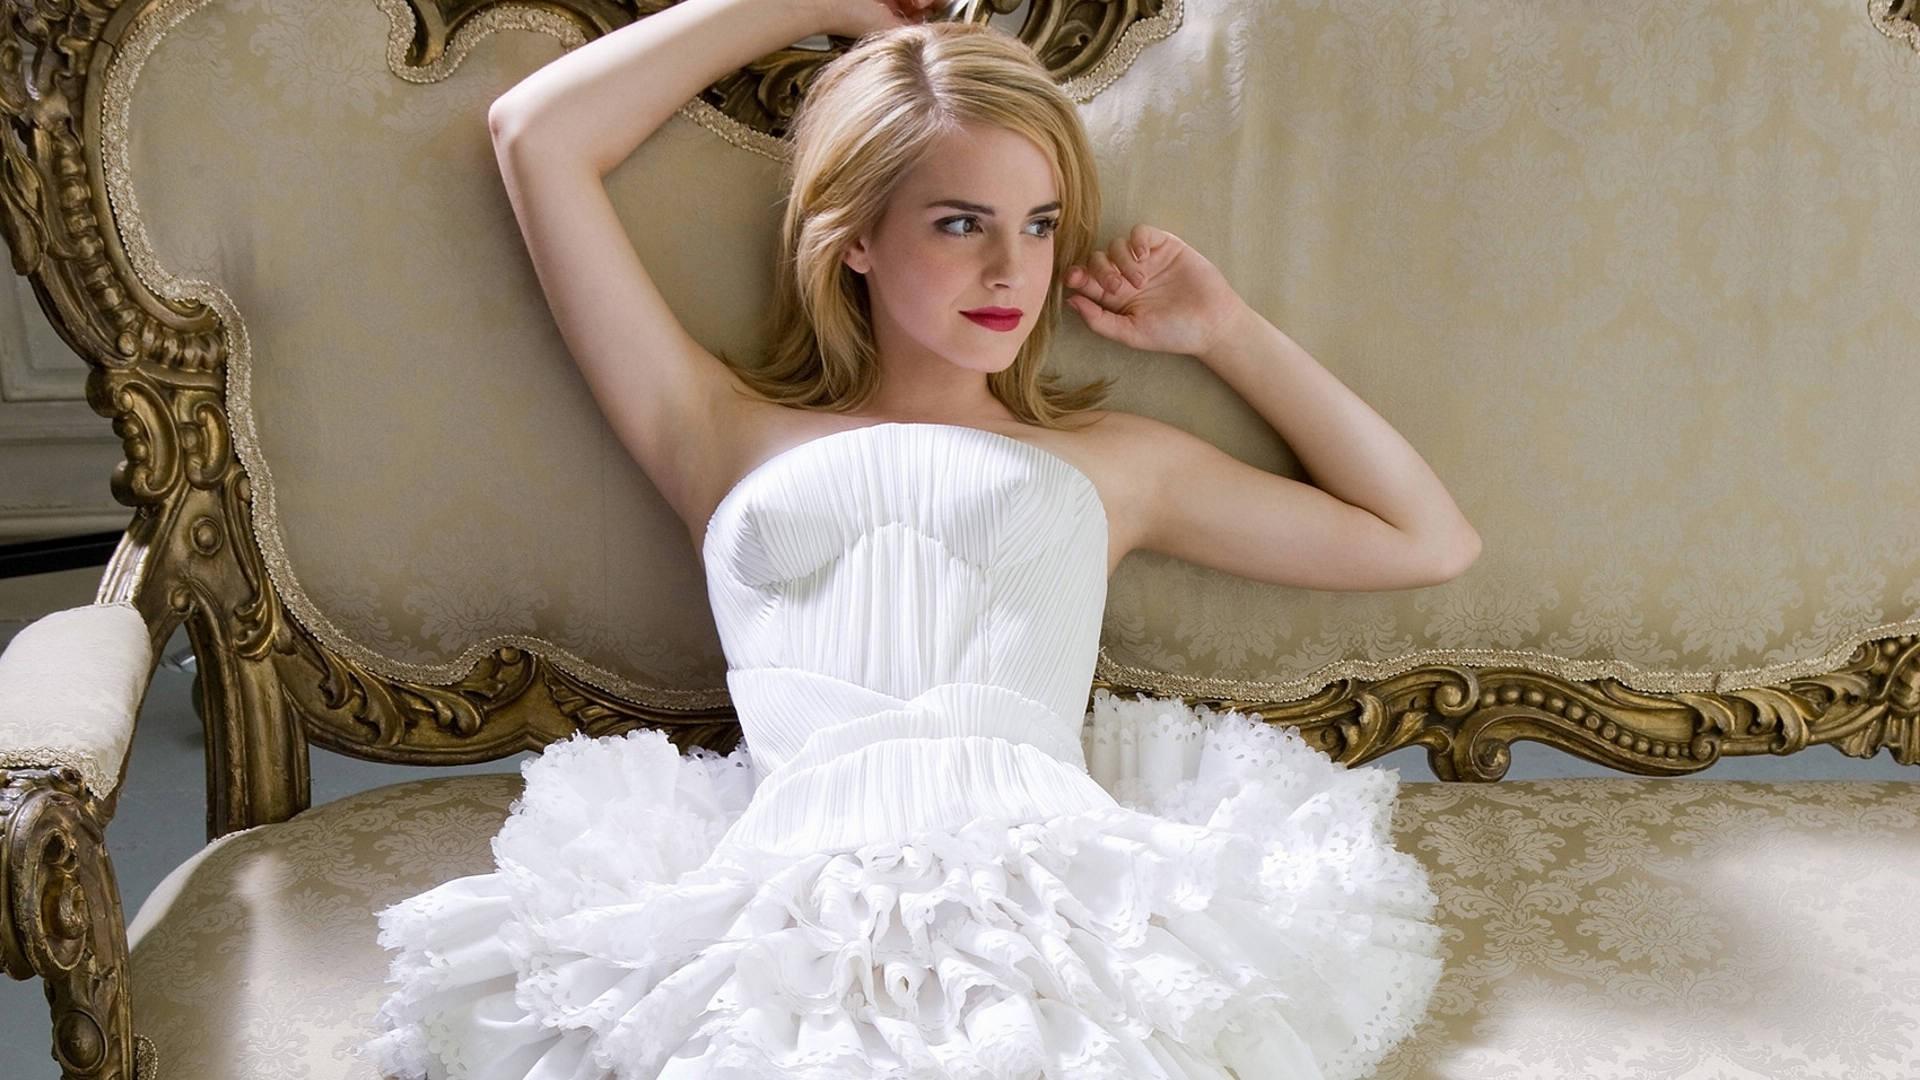 Hintergrundbilder : Frau, blond, weißes Kleid, Berühmtheit ...